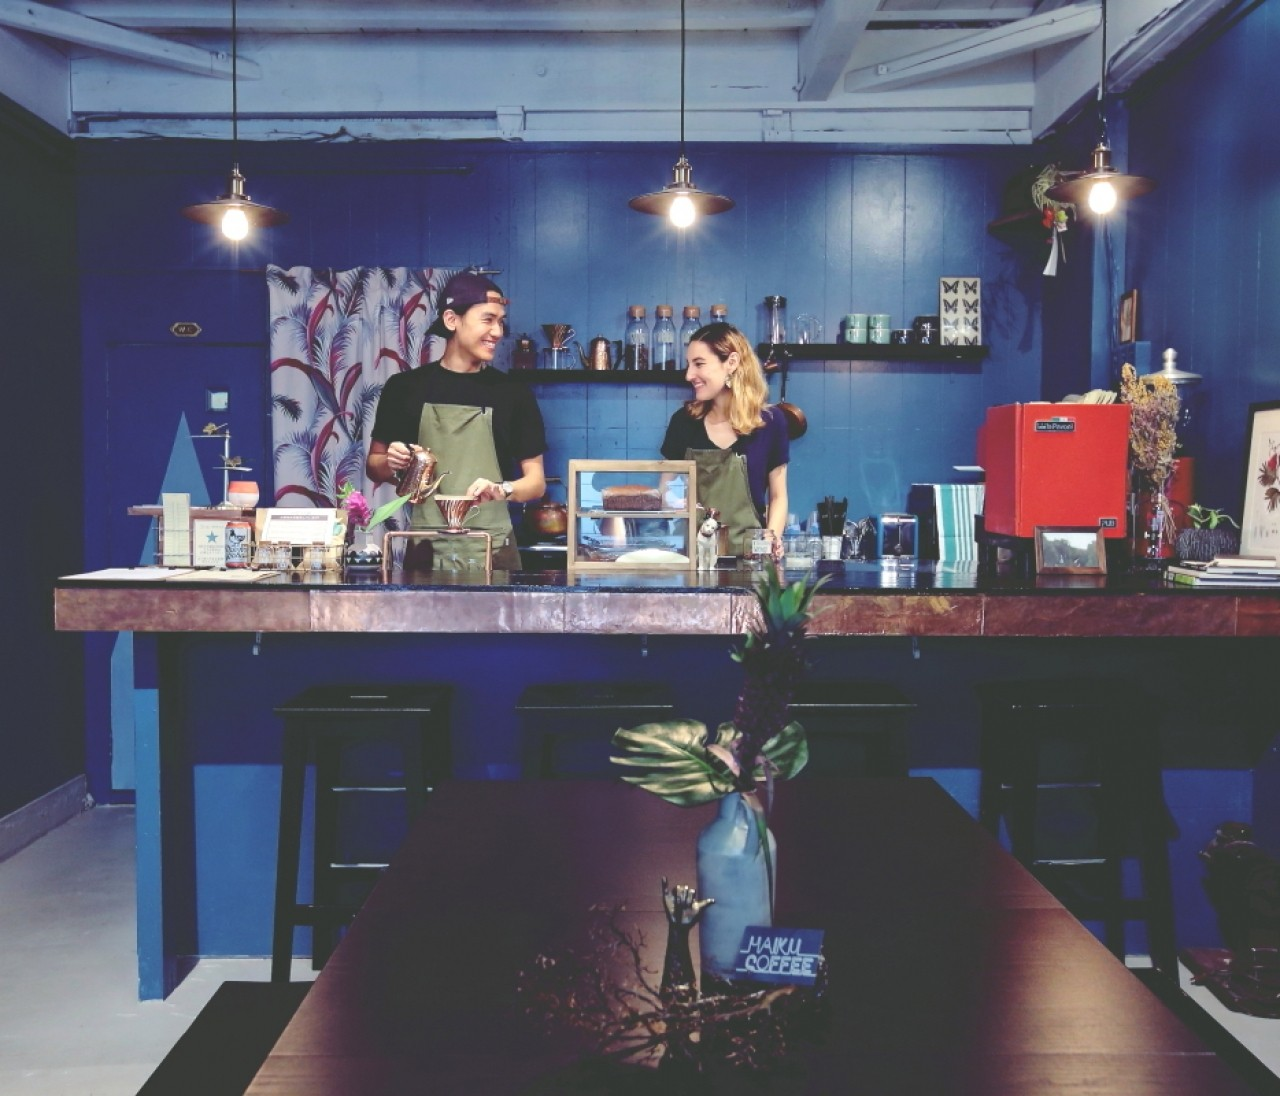 仲良し夫婦のコーヒースタンド。散策が楽しい街・中崎町②【関西のイケスポ】